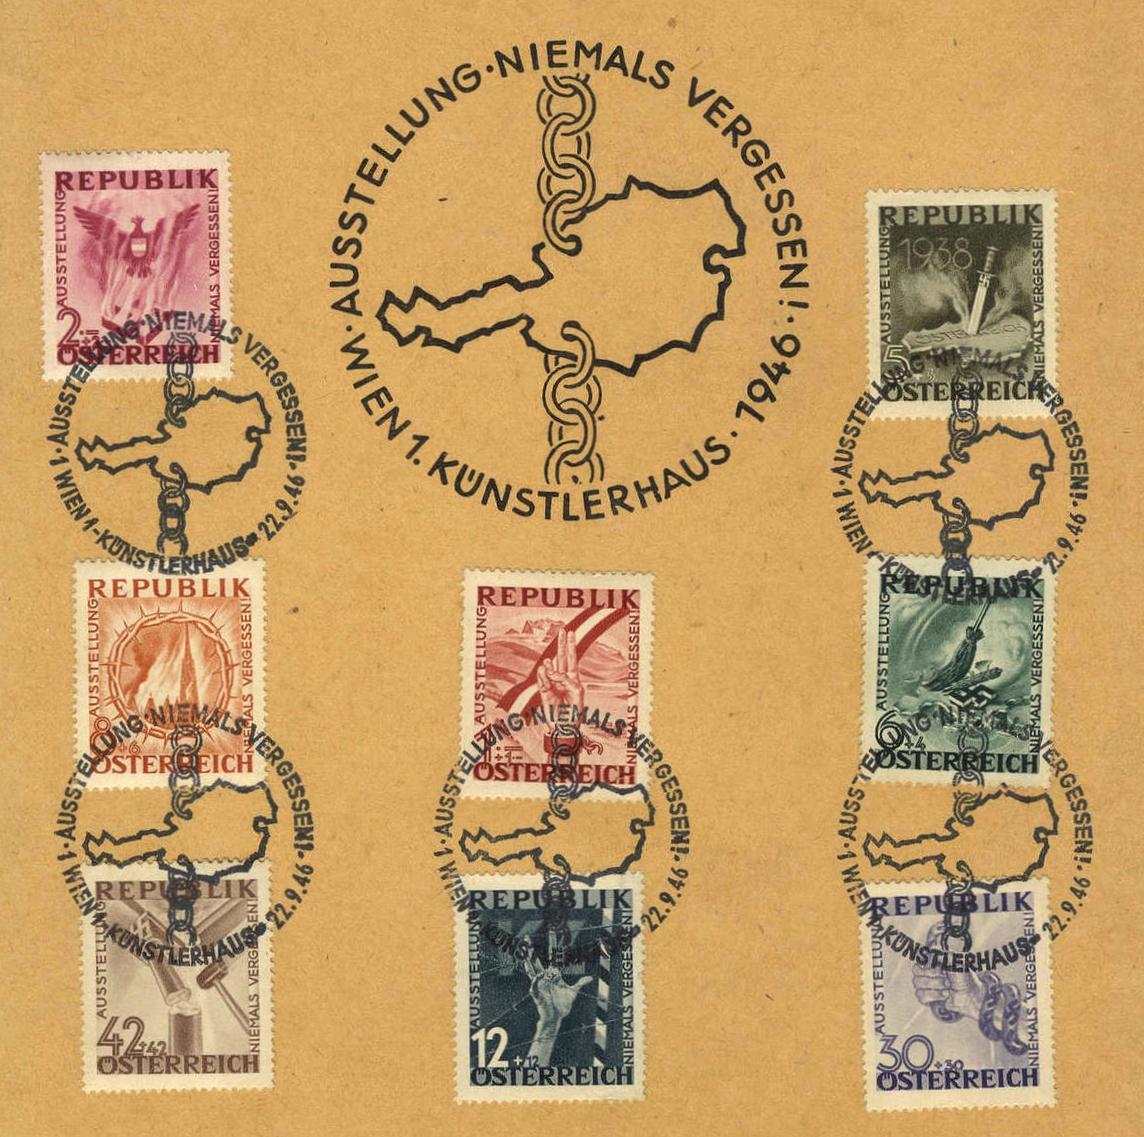 austria-1946-SoBl-sst-1-xr1